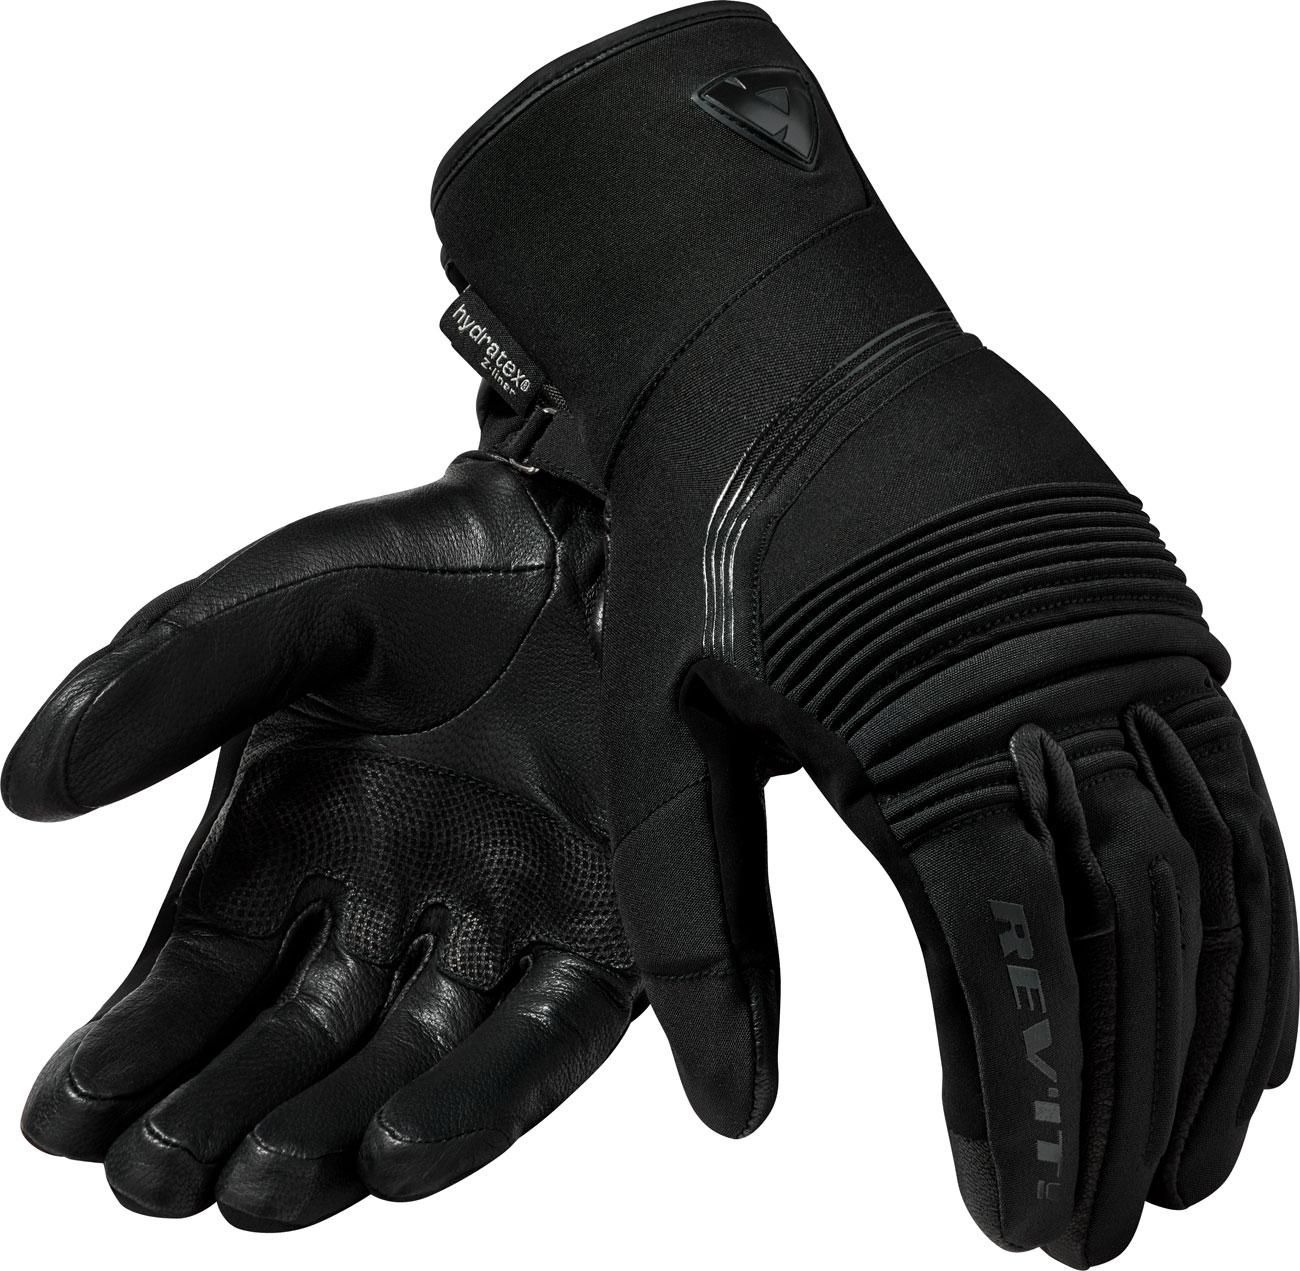 Revit Drifter 3 H2O, Handschuhe Damen - Schwarz - L FGS136-0010-L